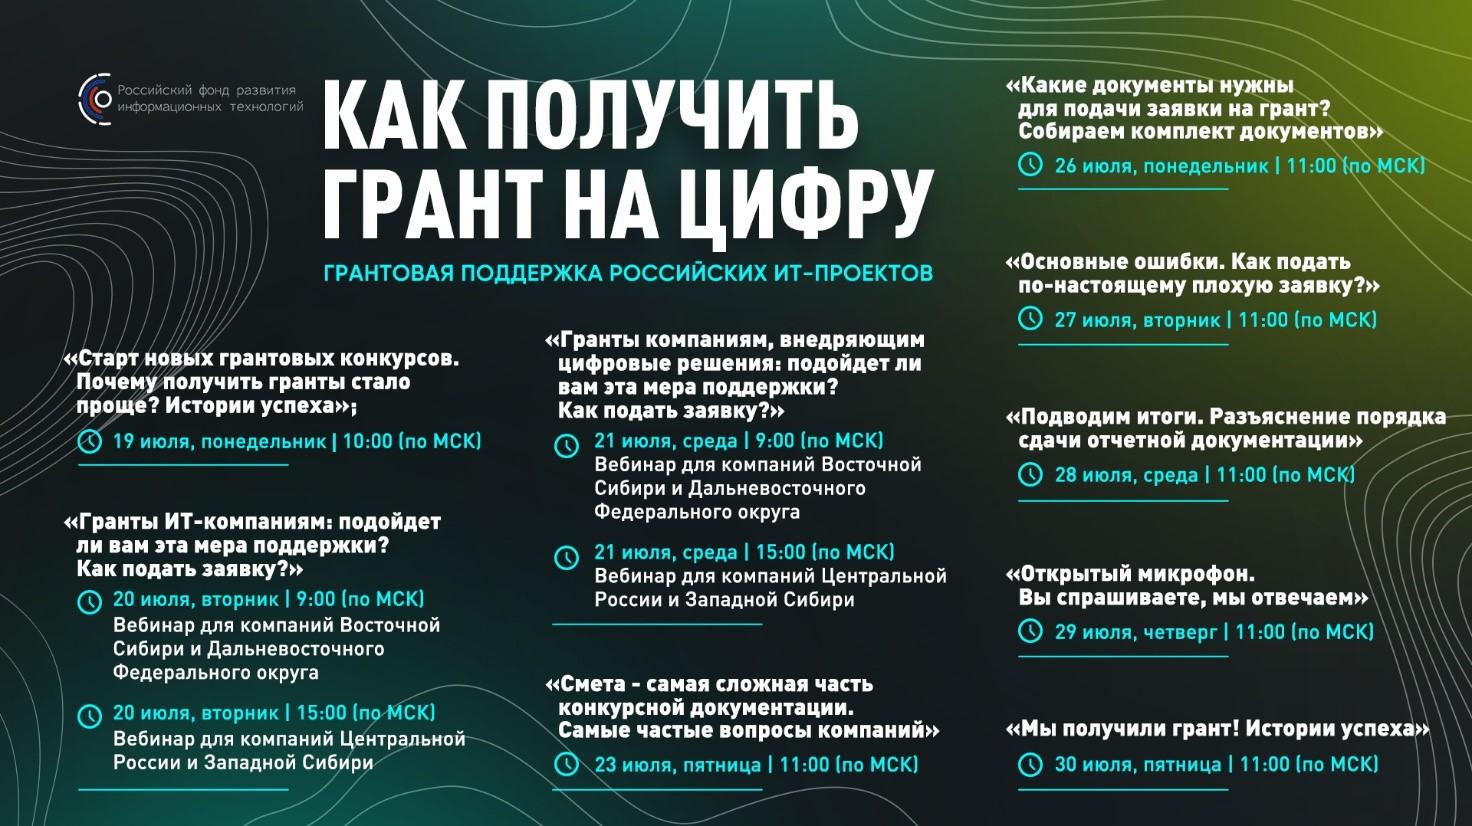 Российские IT-компании получат гранты на 3,8 миллиарда рублей